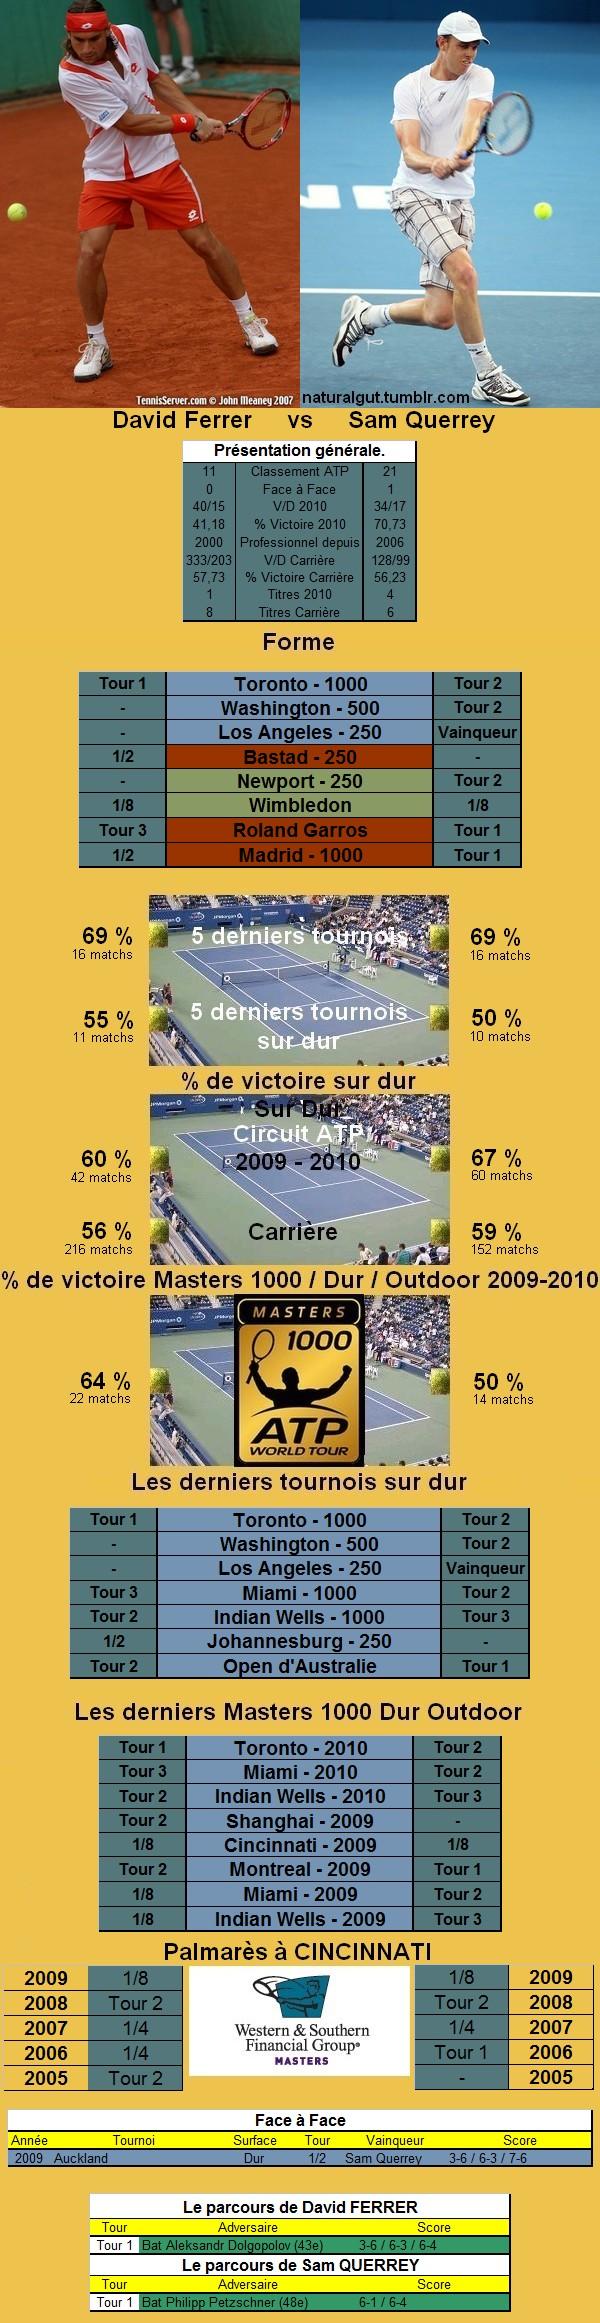 Statistiques tennis de Ferrer contre Querrey à Cincinnati